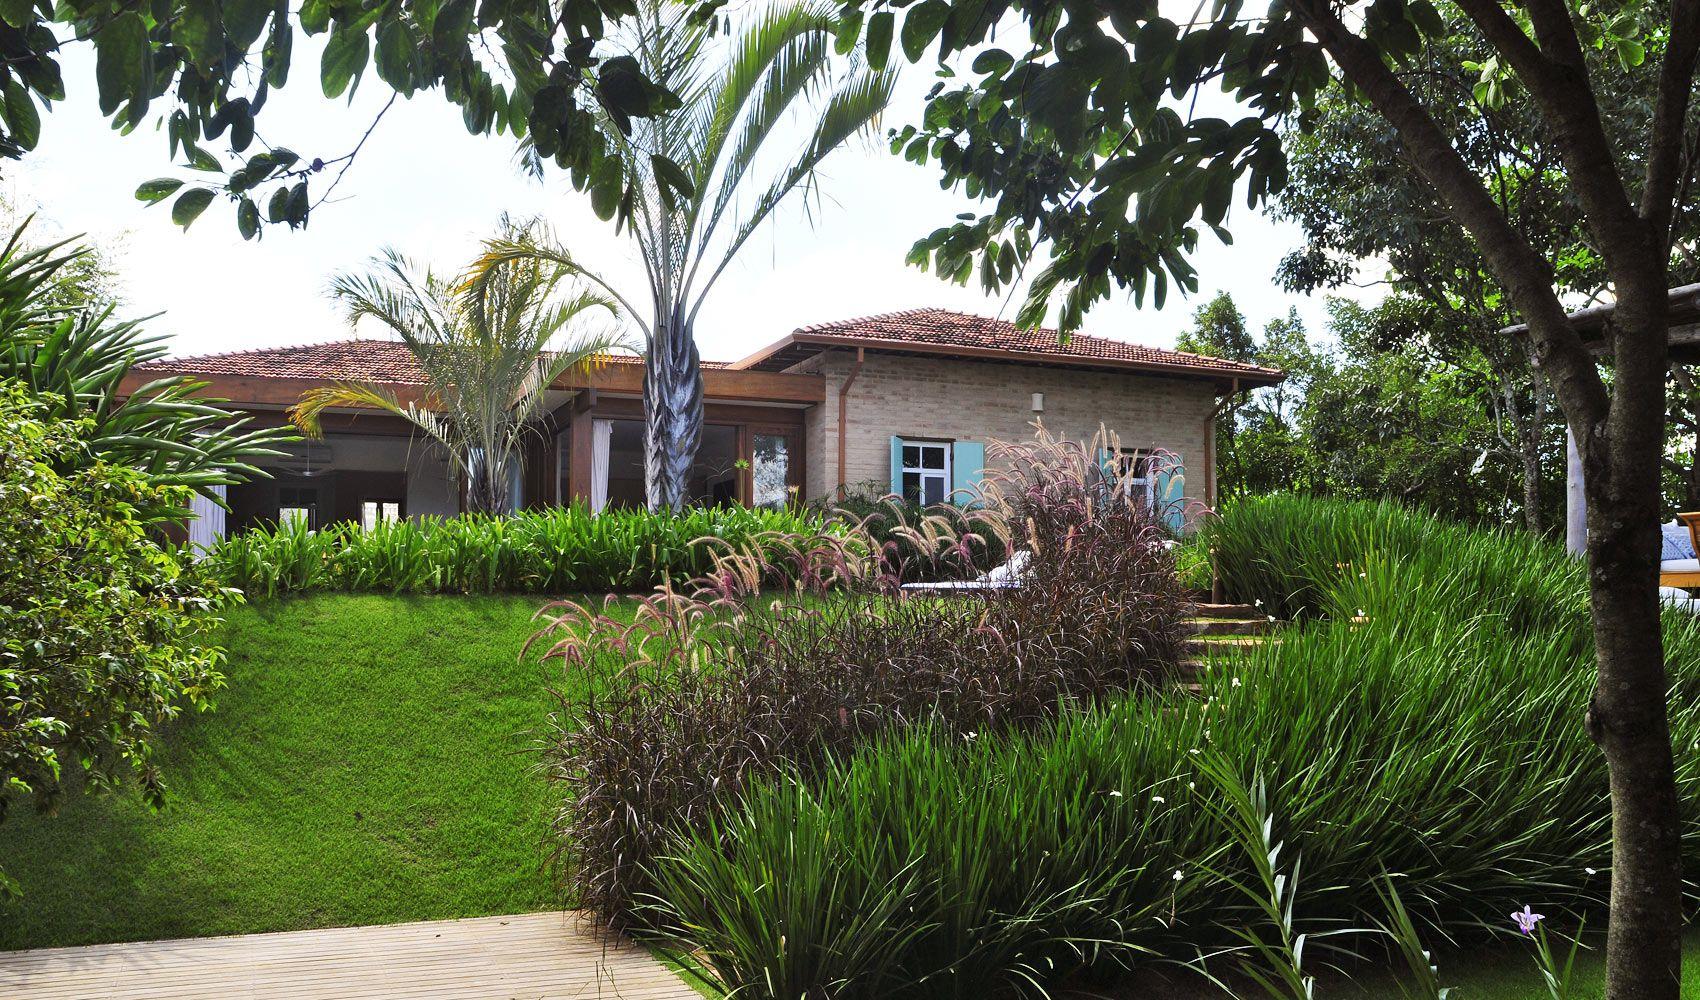 Dise o de exteriores jardines modernos y tropicales for Diseno de jardines pequenos fotos